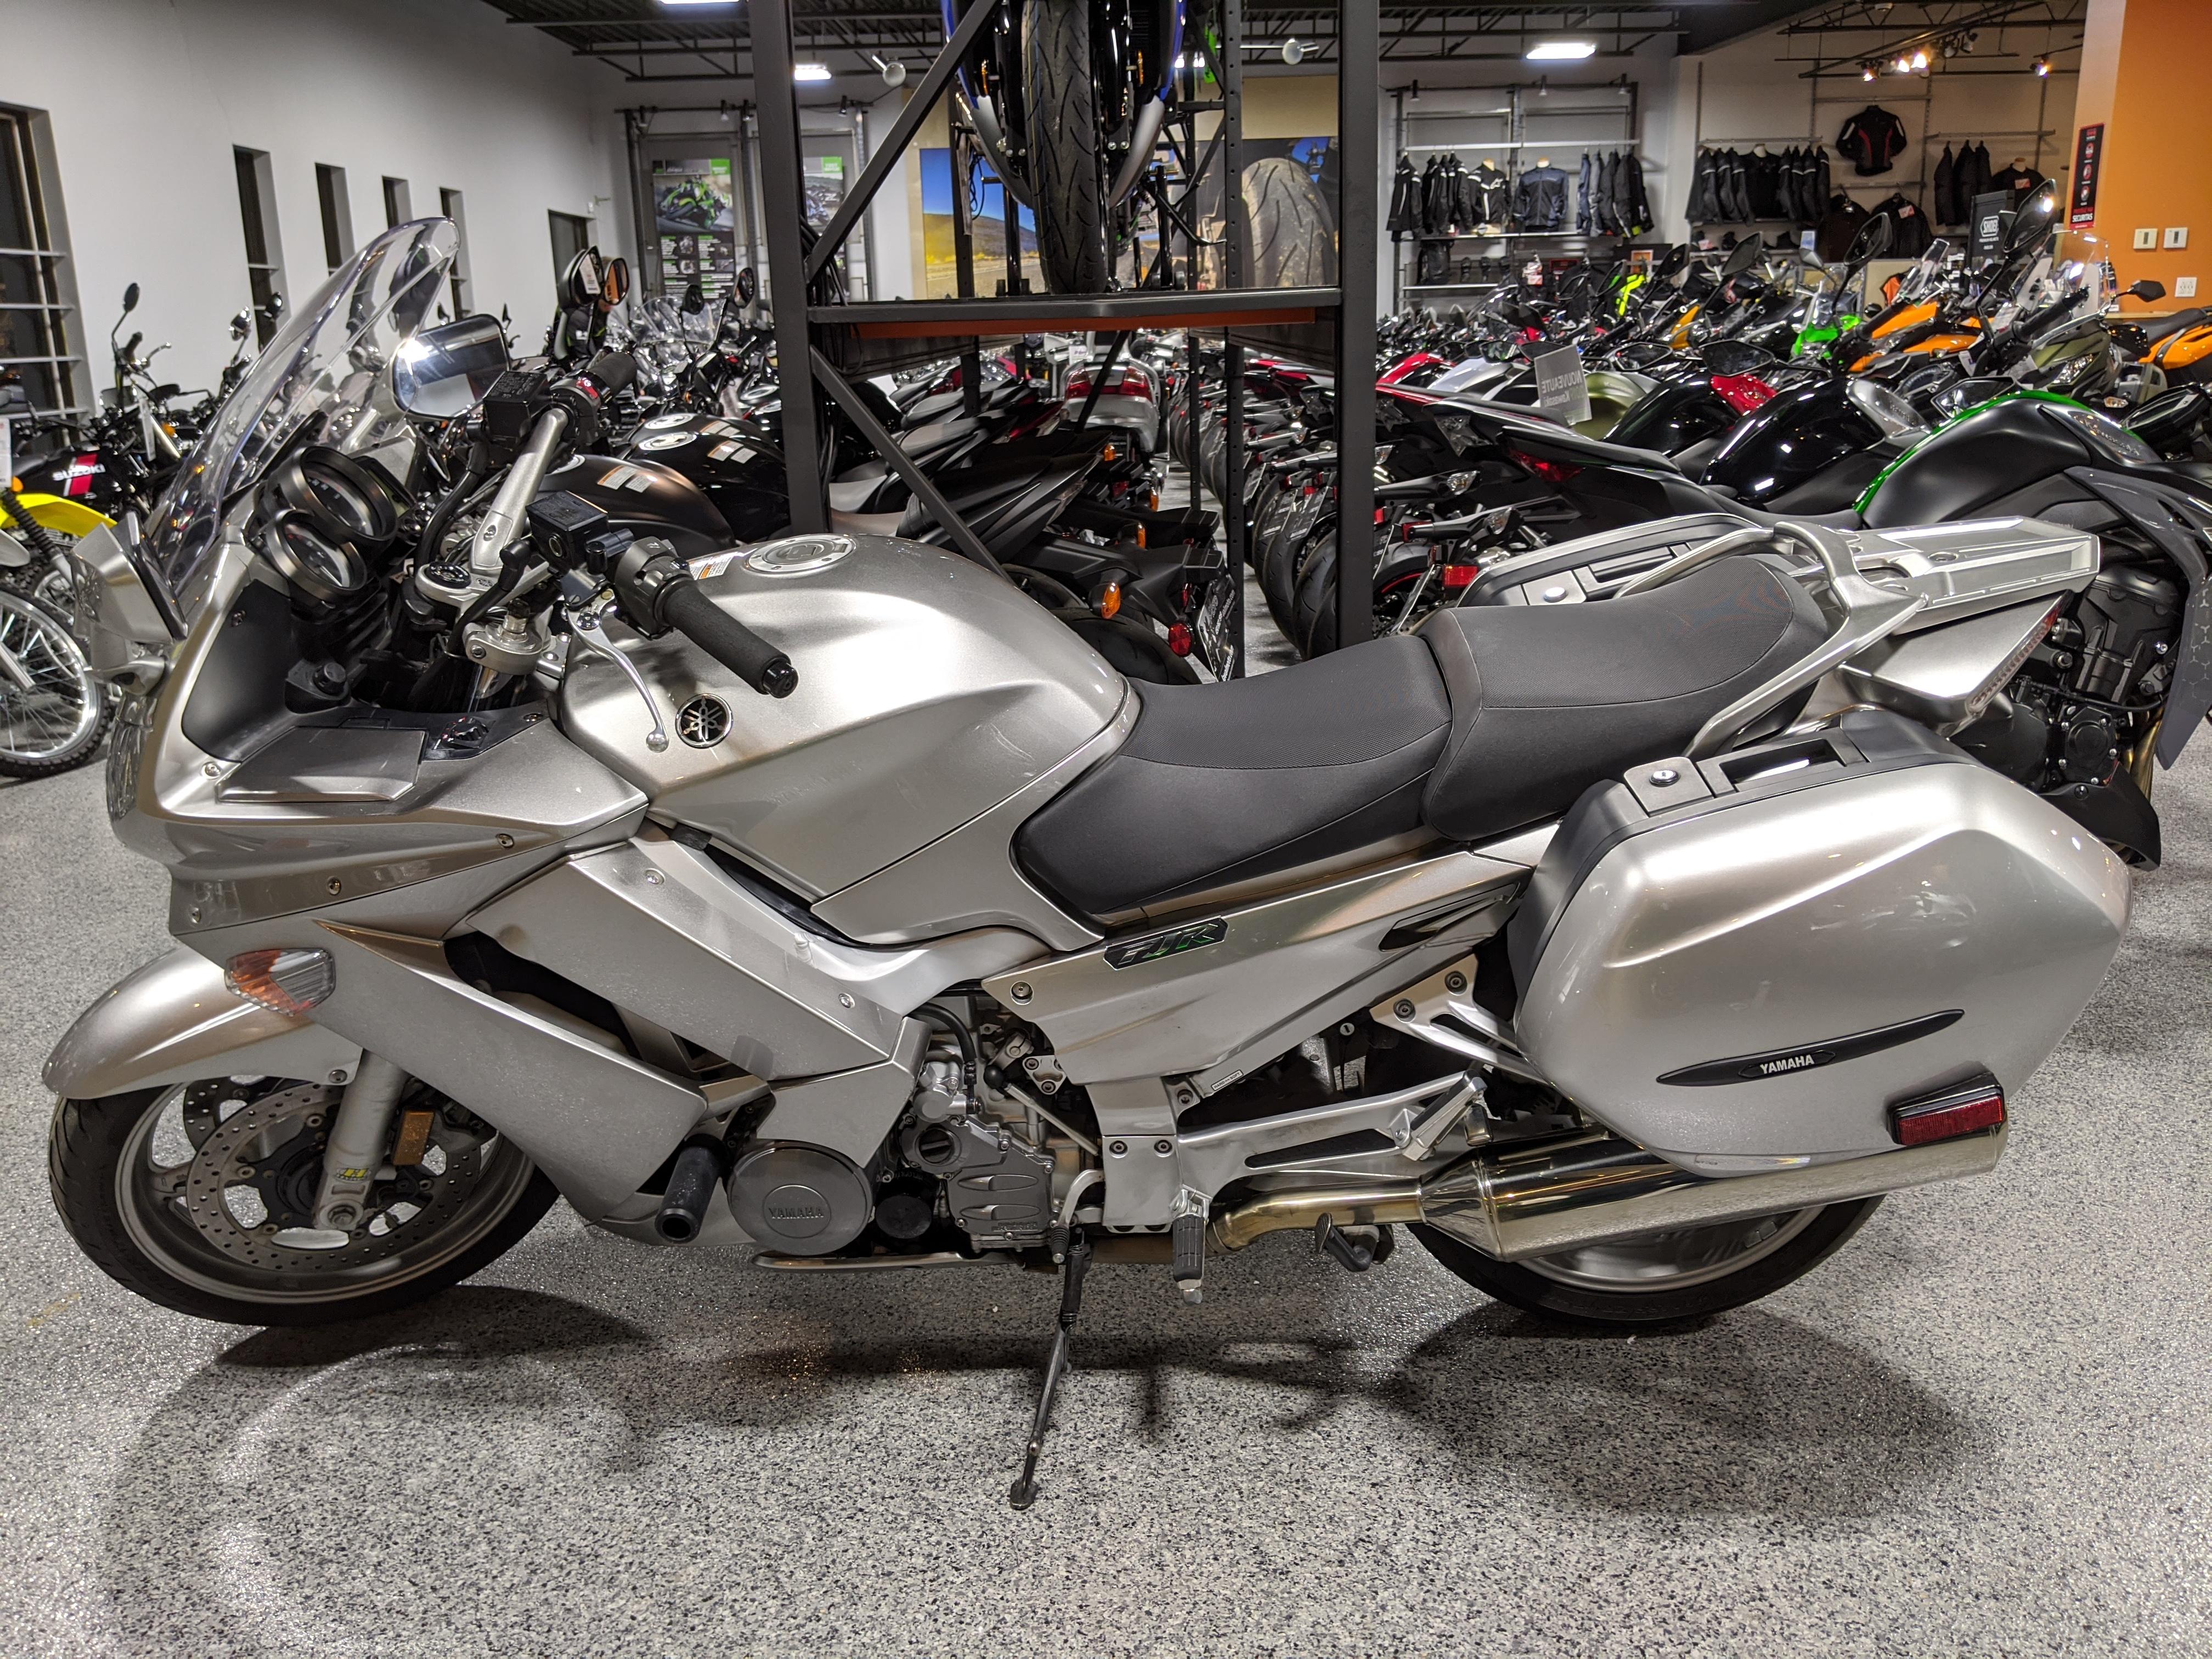 9060 Yamaha FJR1300 ABS 2011